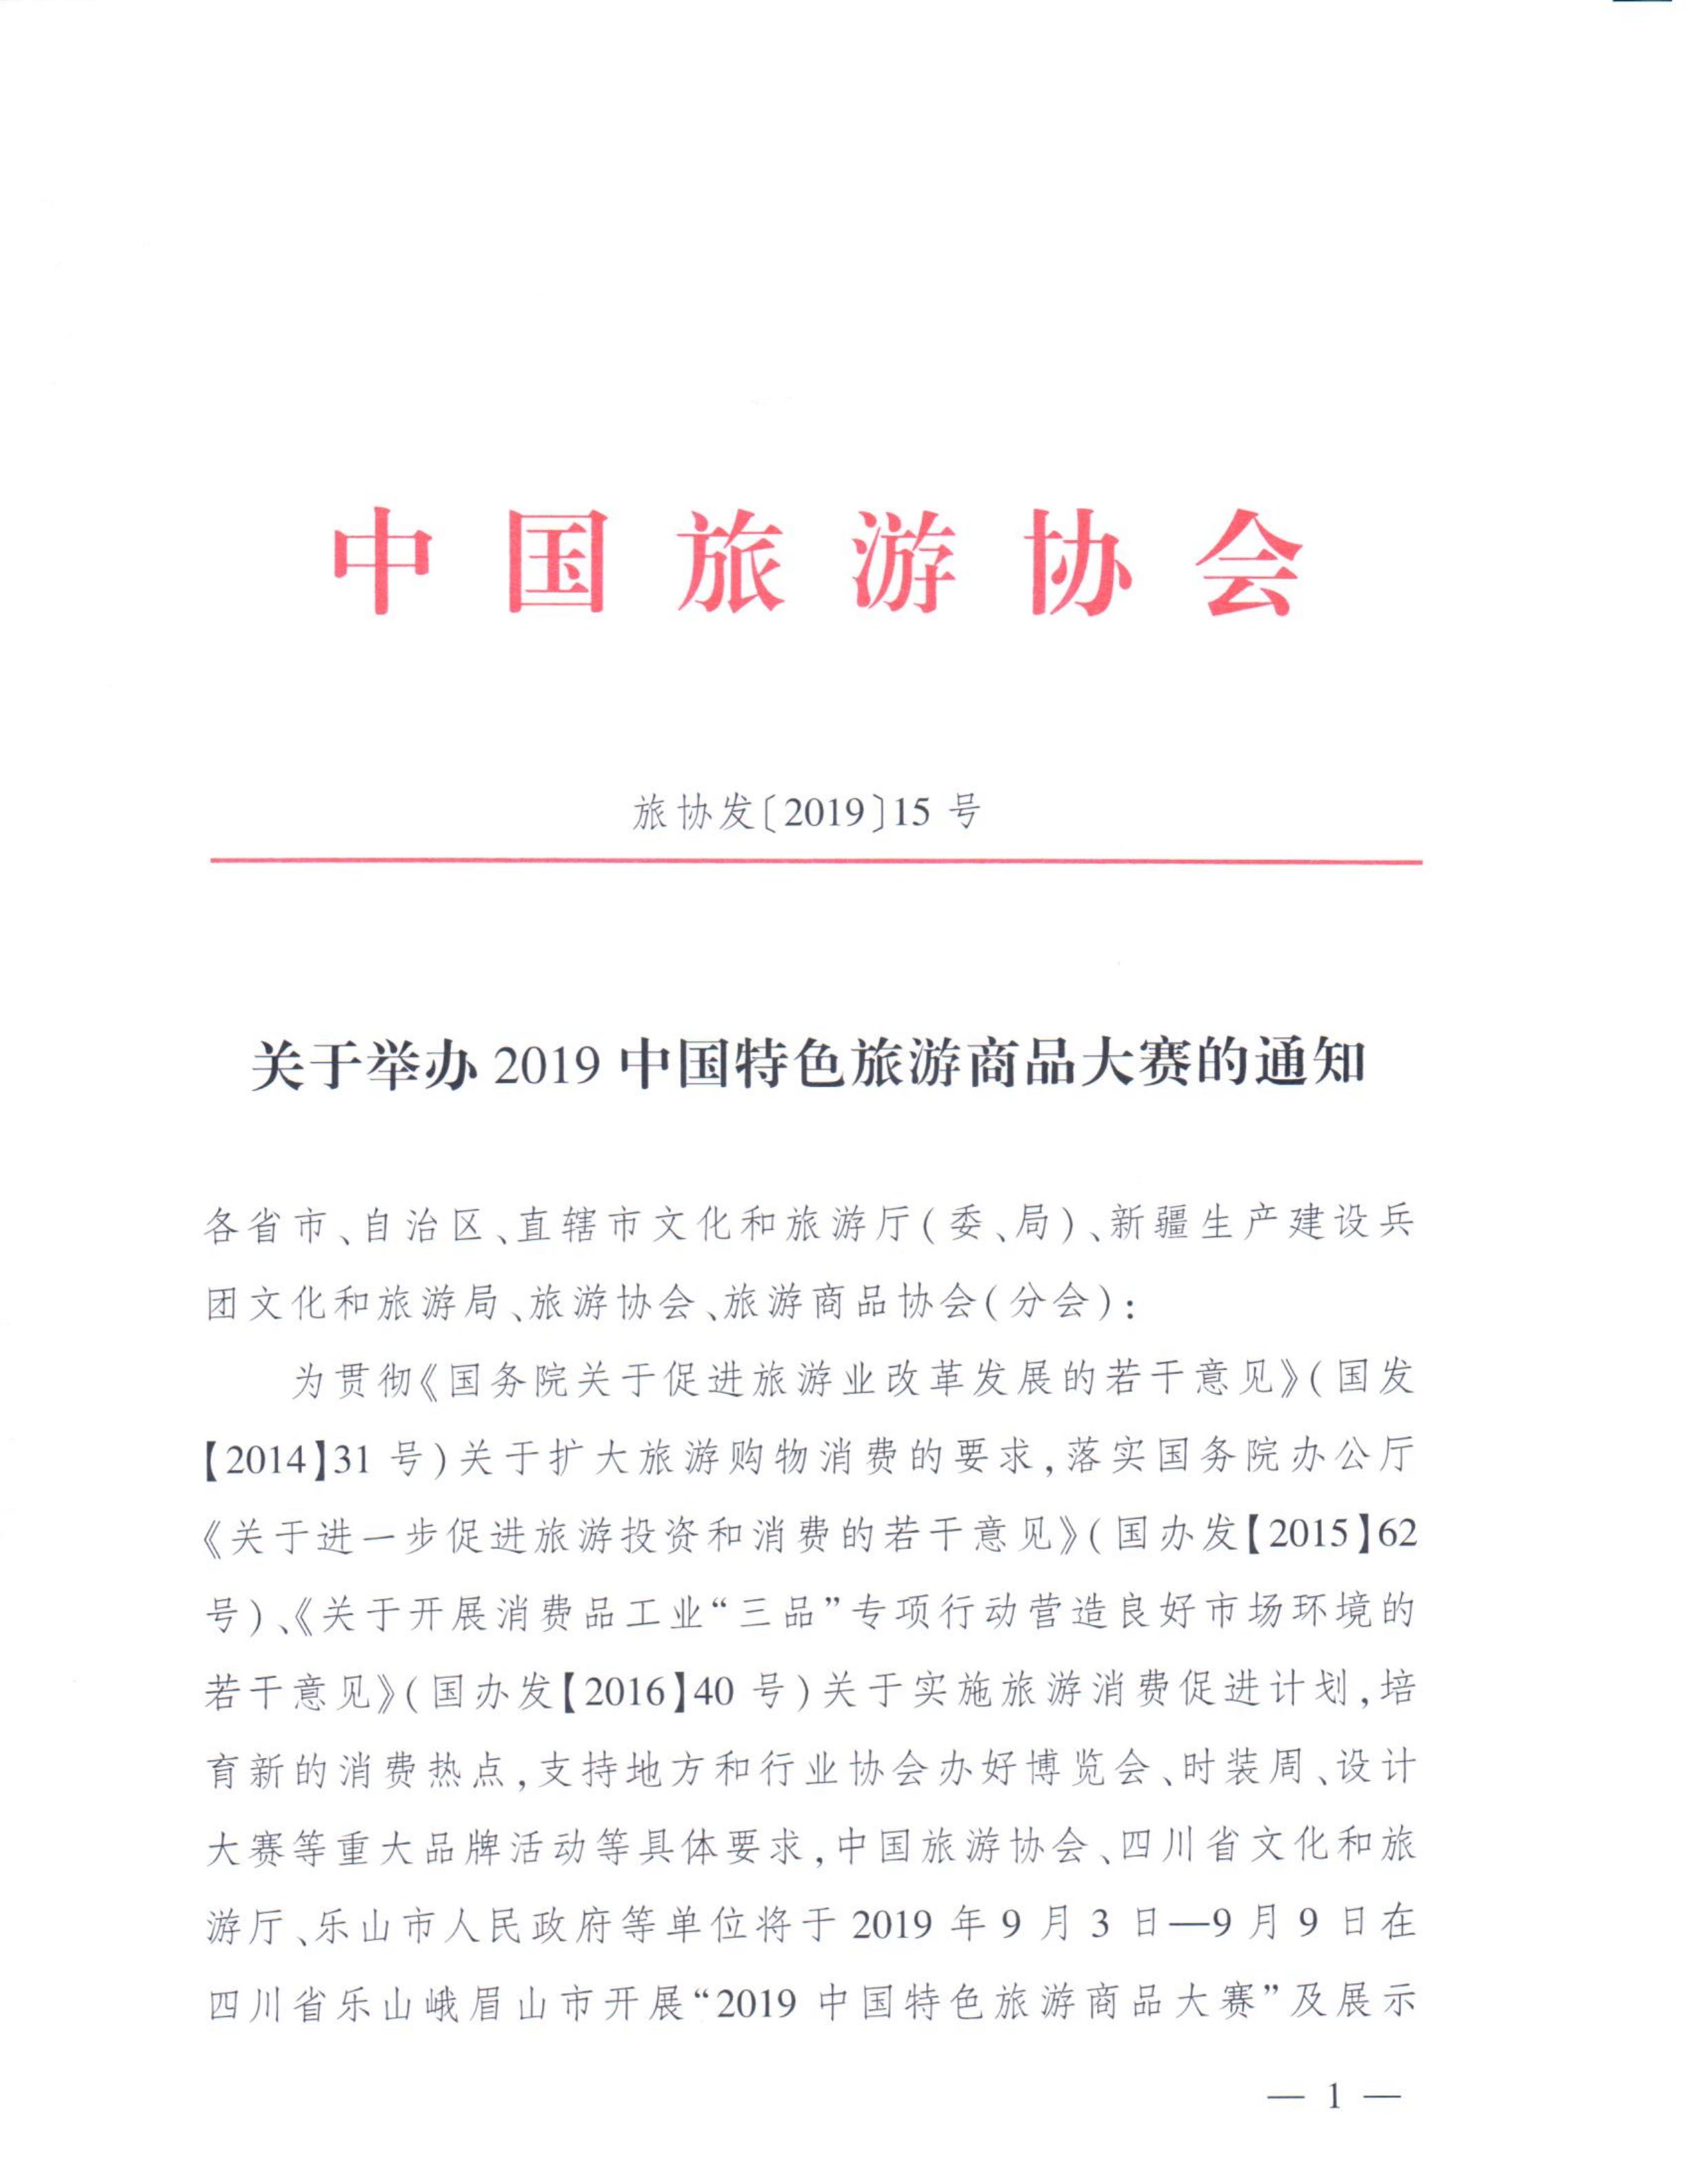 舉辦2019中國特色旅游商品大賽的通知-9-舉辦2019中國特色旅游商品大賽的通知-9_00